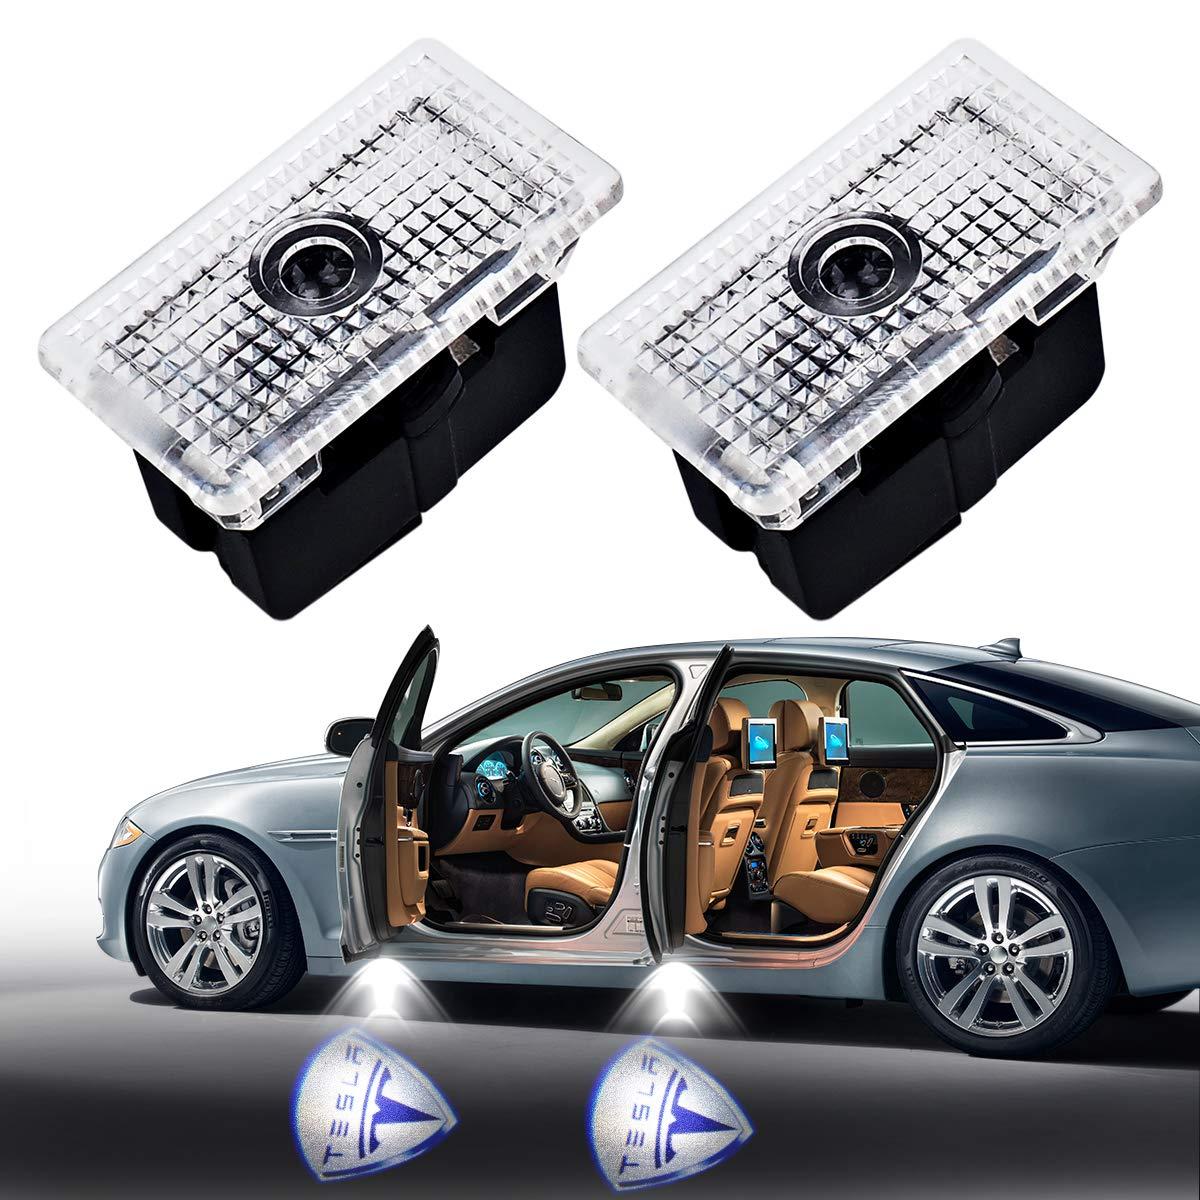 2Pcs Car Door LED Logo Projector Light for Tesla, YANF Ghost Shadow Welcome Lights Ground Lamp Kit Courtesy Welcome Light Laser Symbol Emblem Logo Light